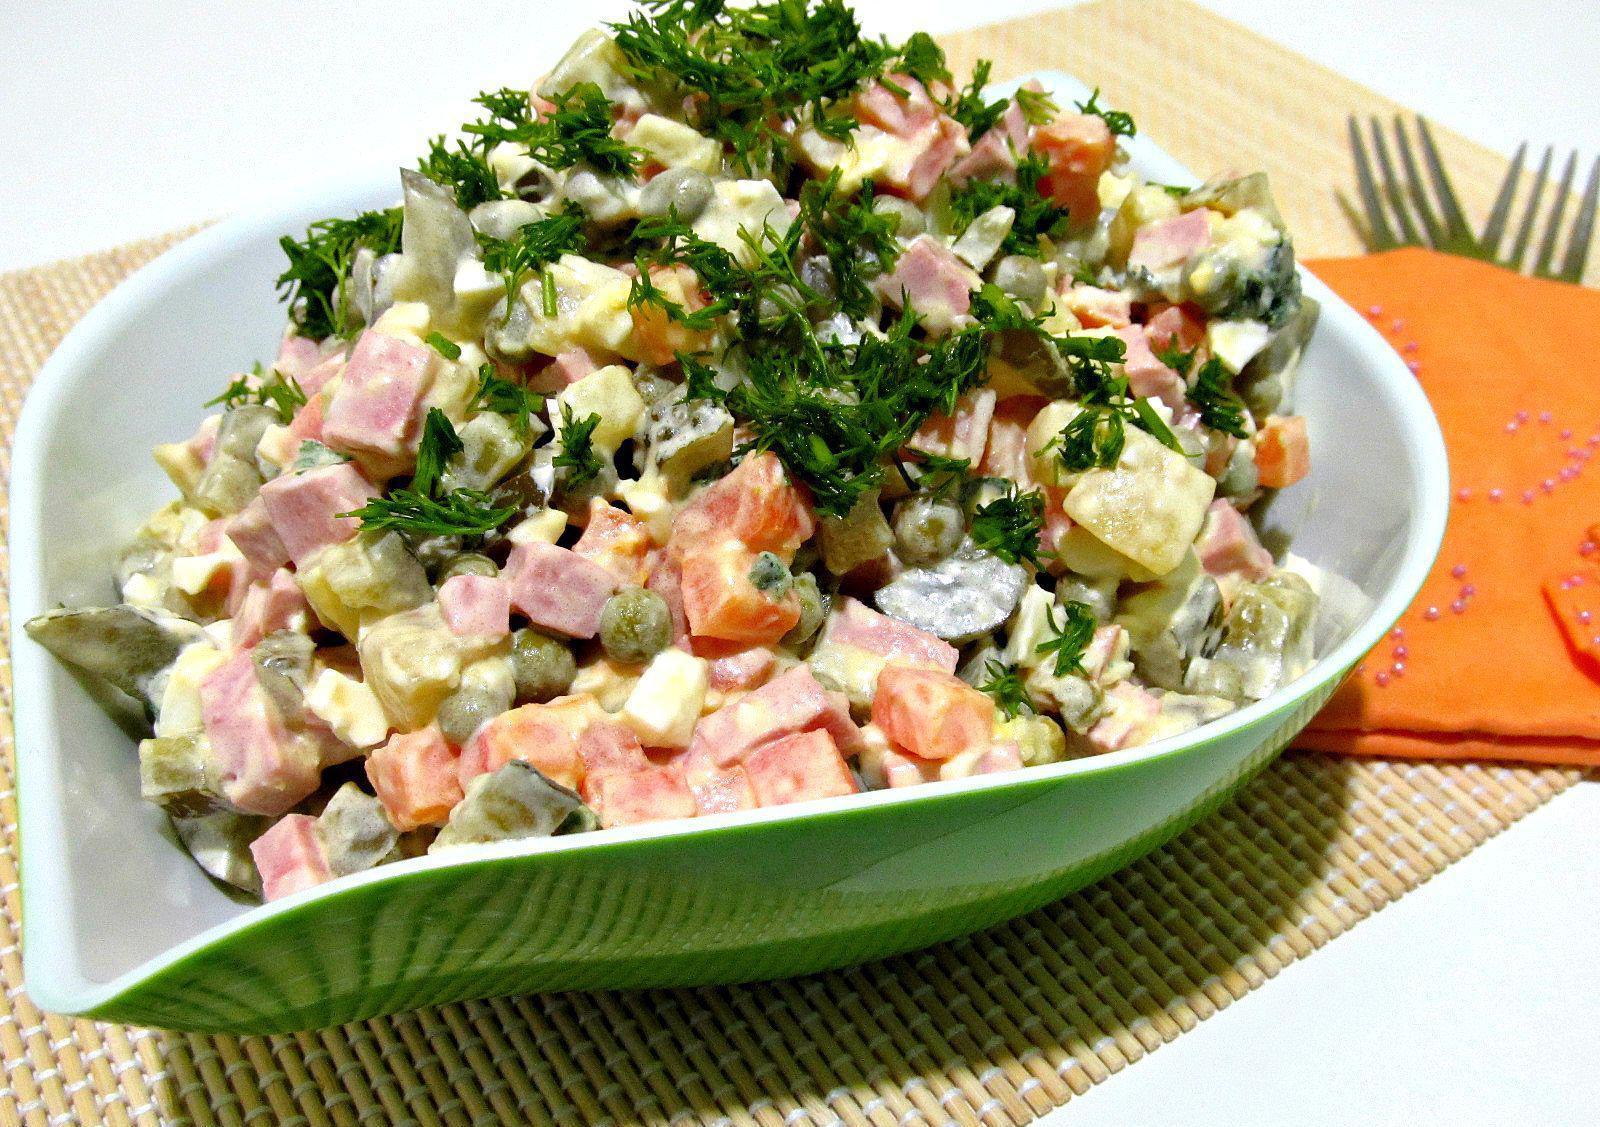 рецепты салатов с кукурузой и яичными блинчиками